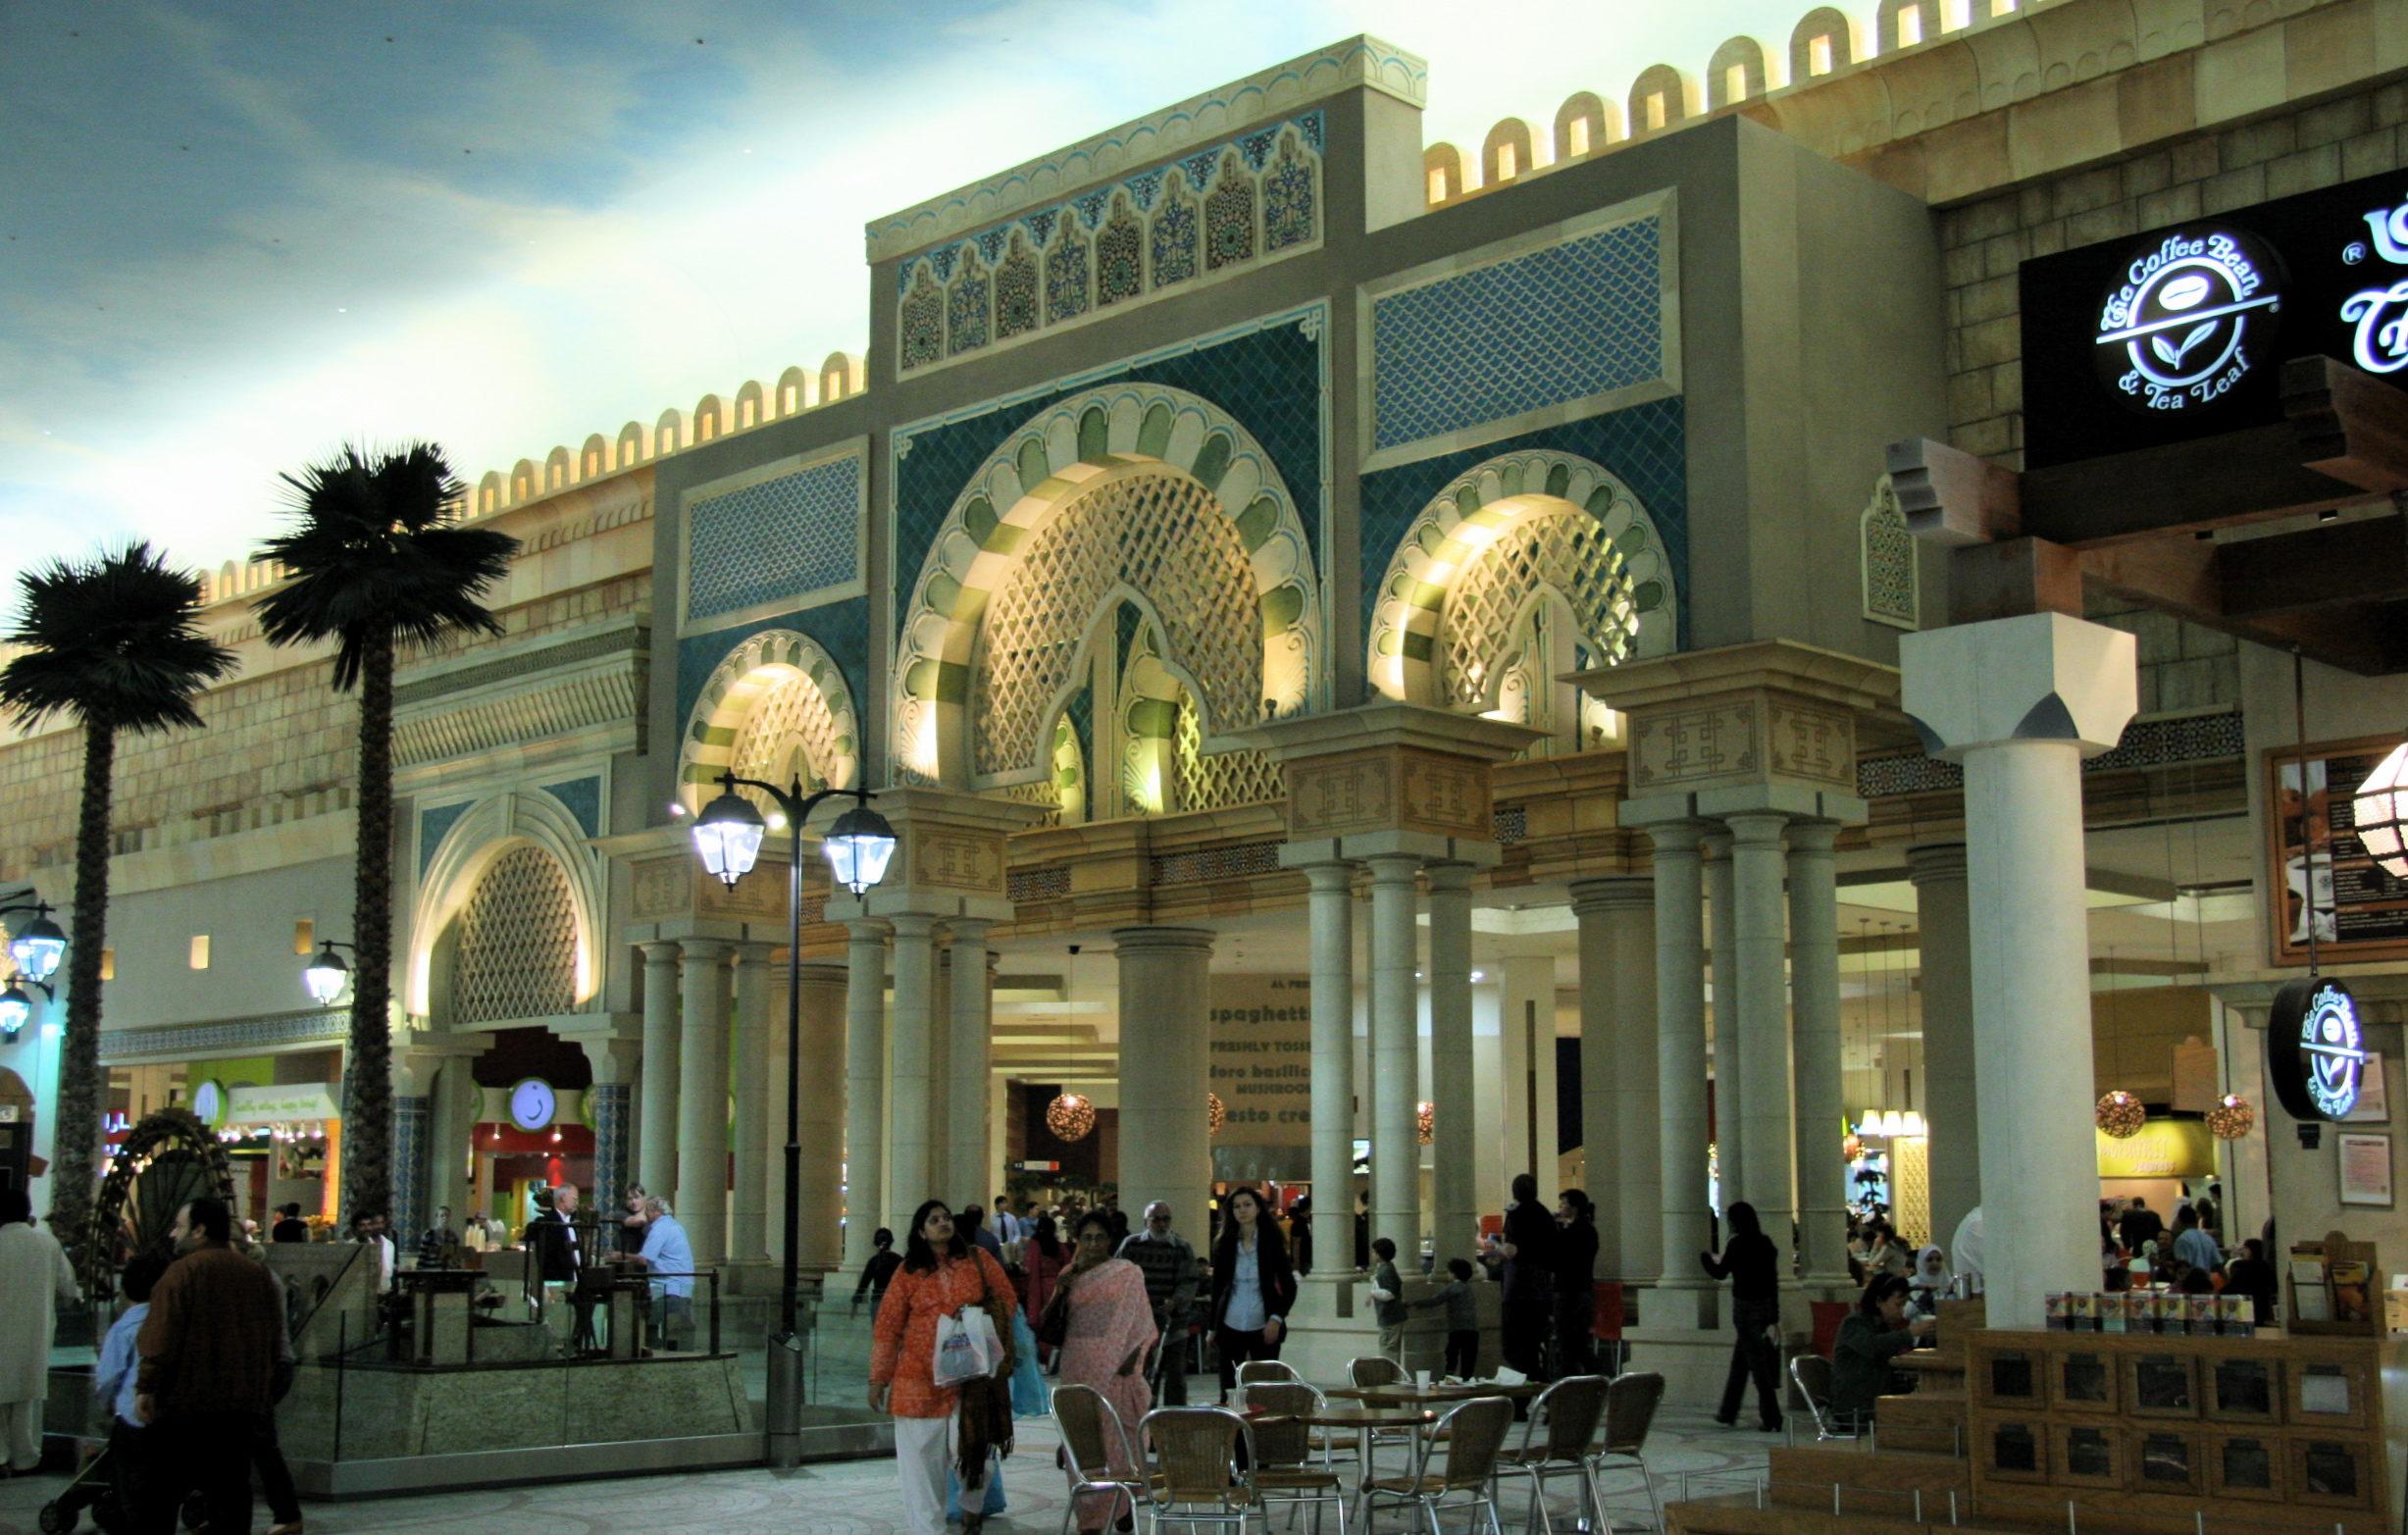 Ибн баттута молл фото смотреть хочу дом за рубежом 2 сезон онлайн